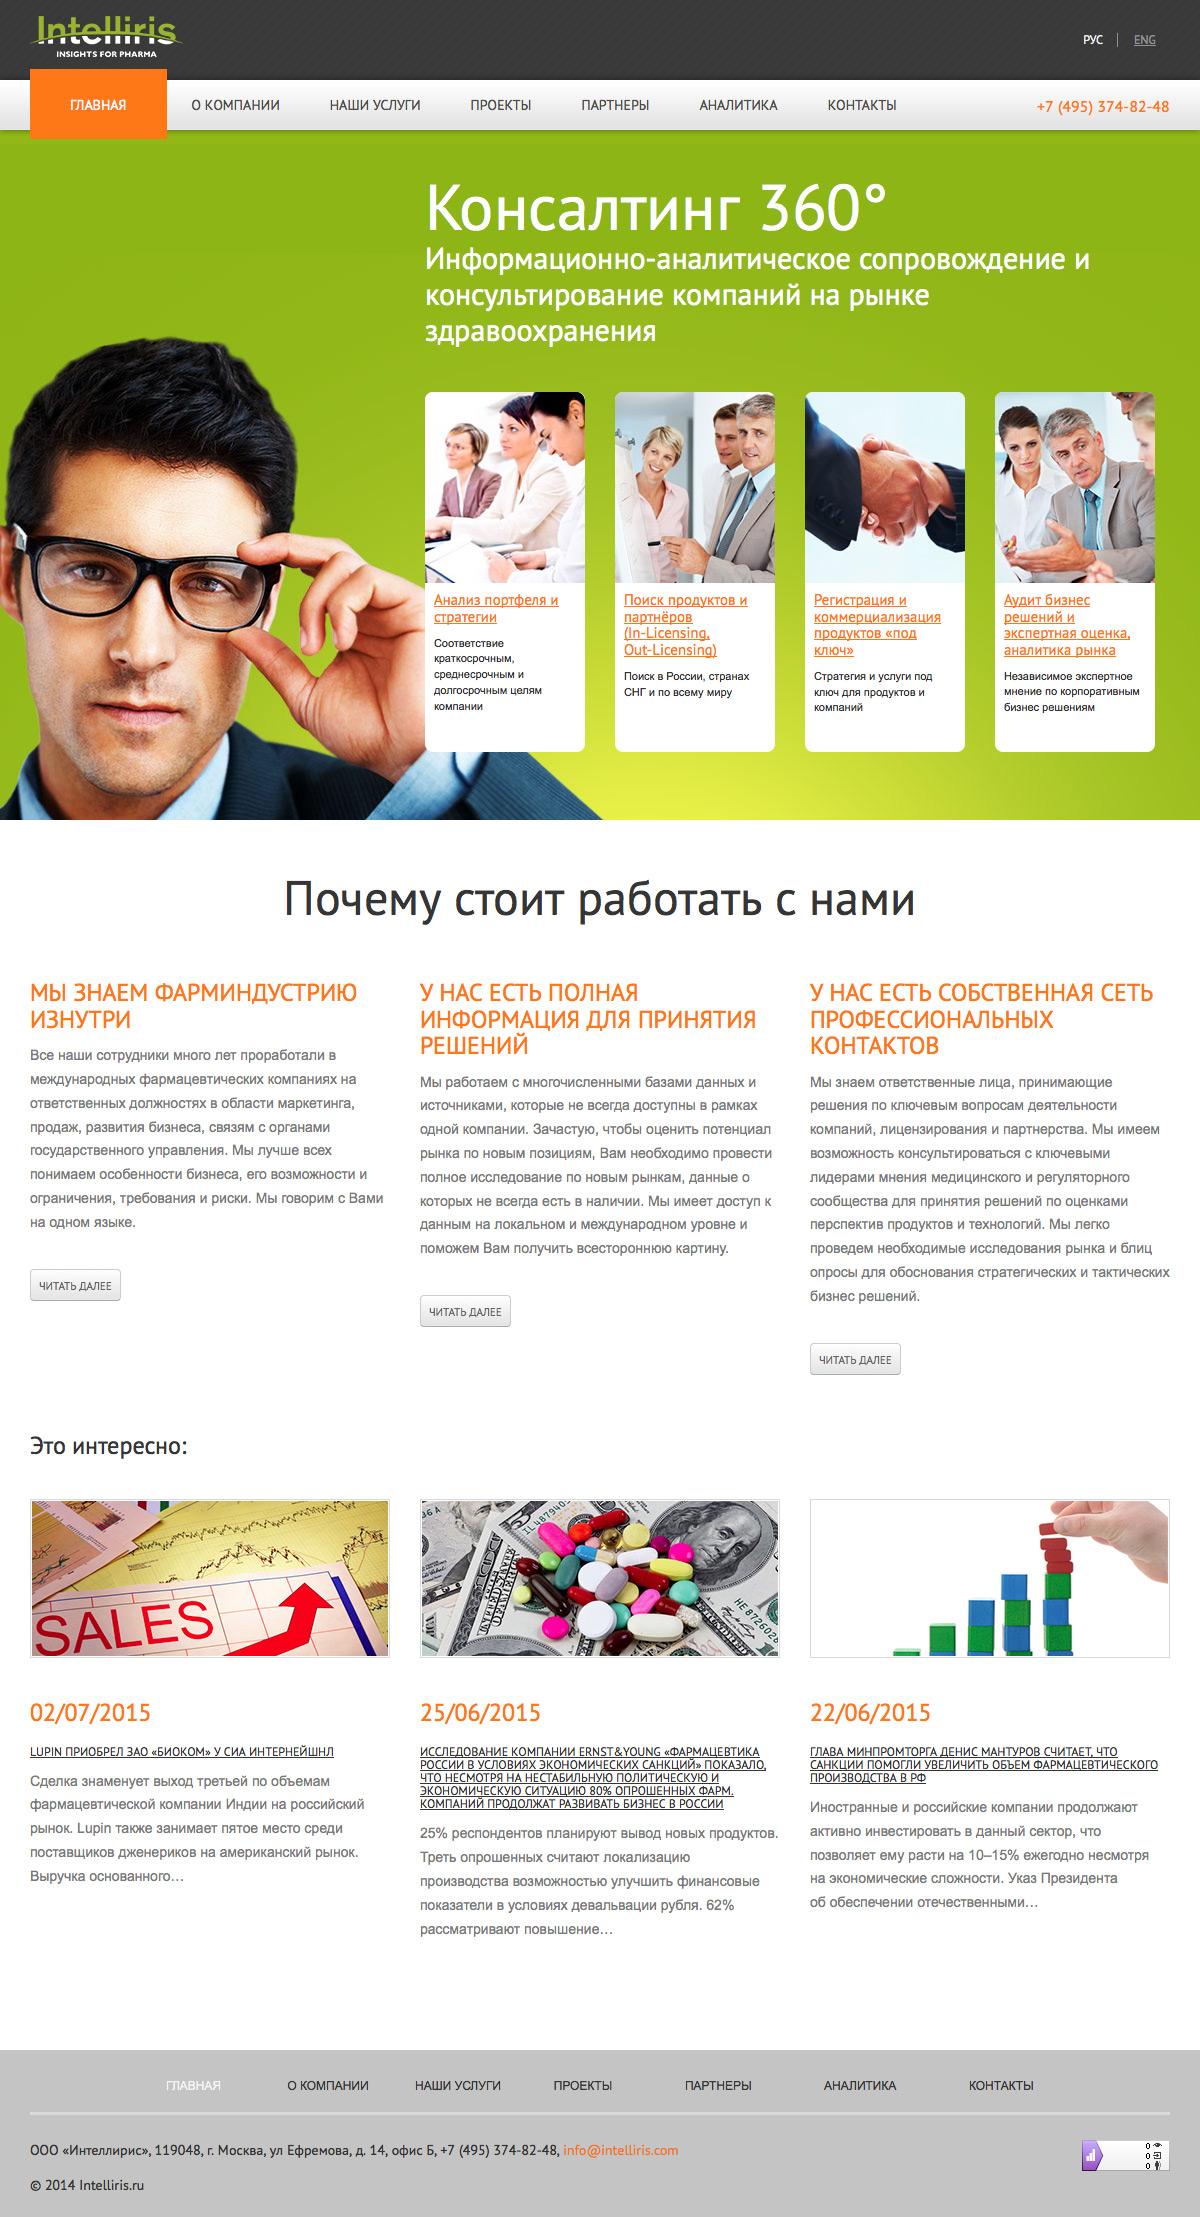 Верстка для сайта колсалтинговой компании «Интеллирис»